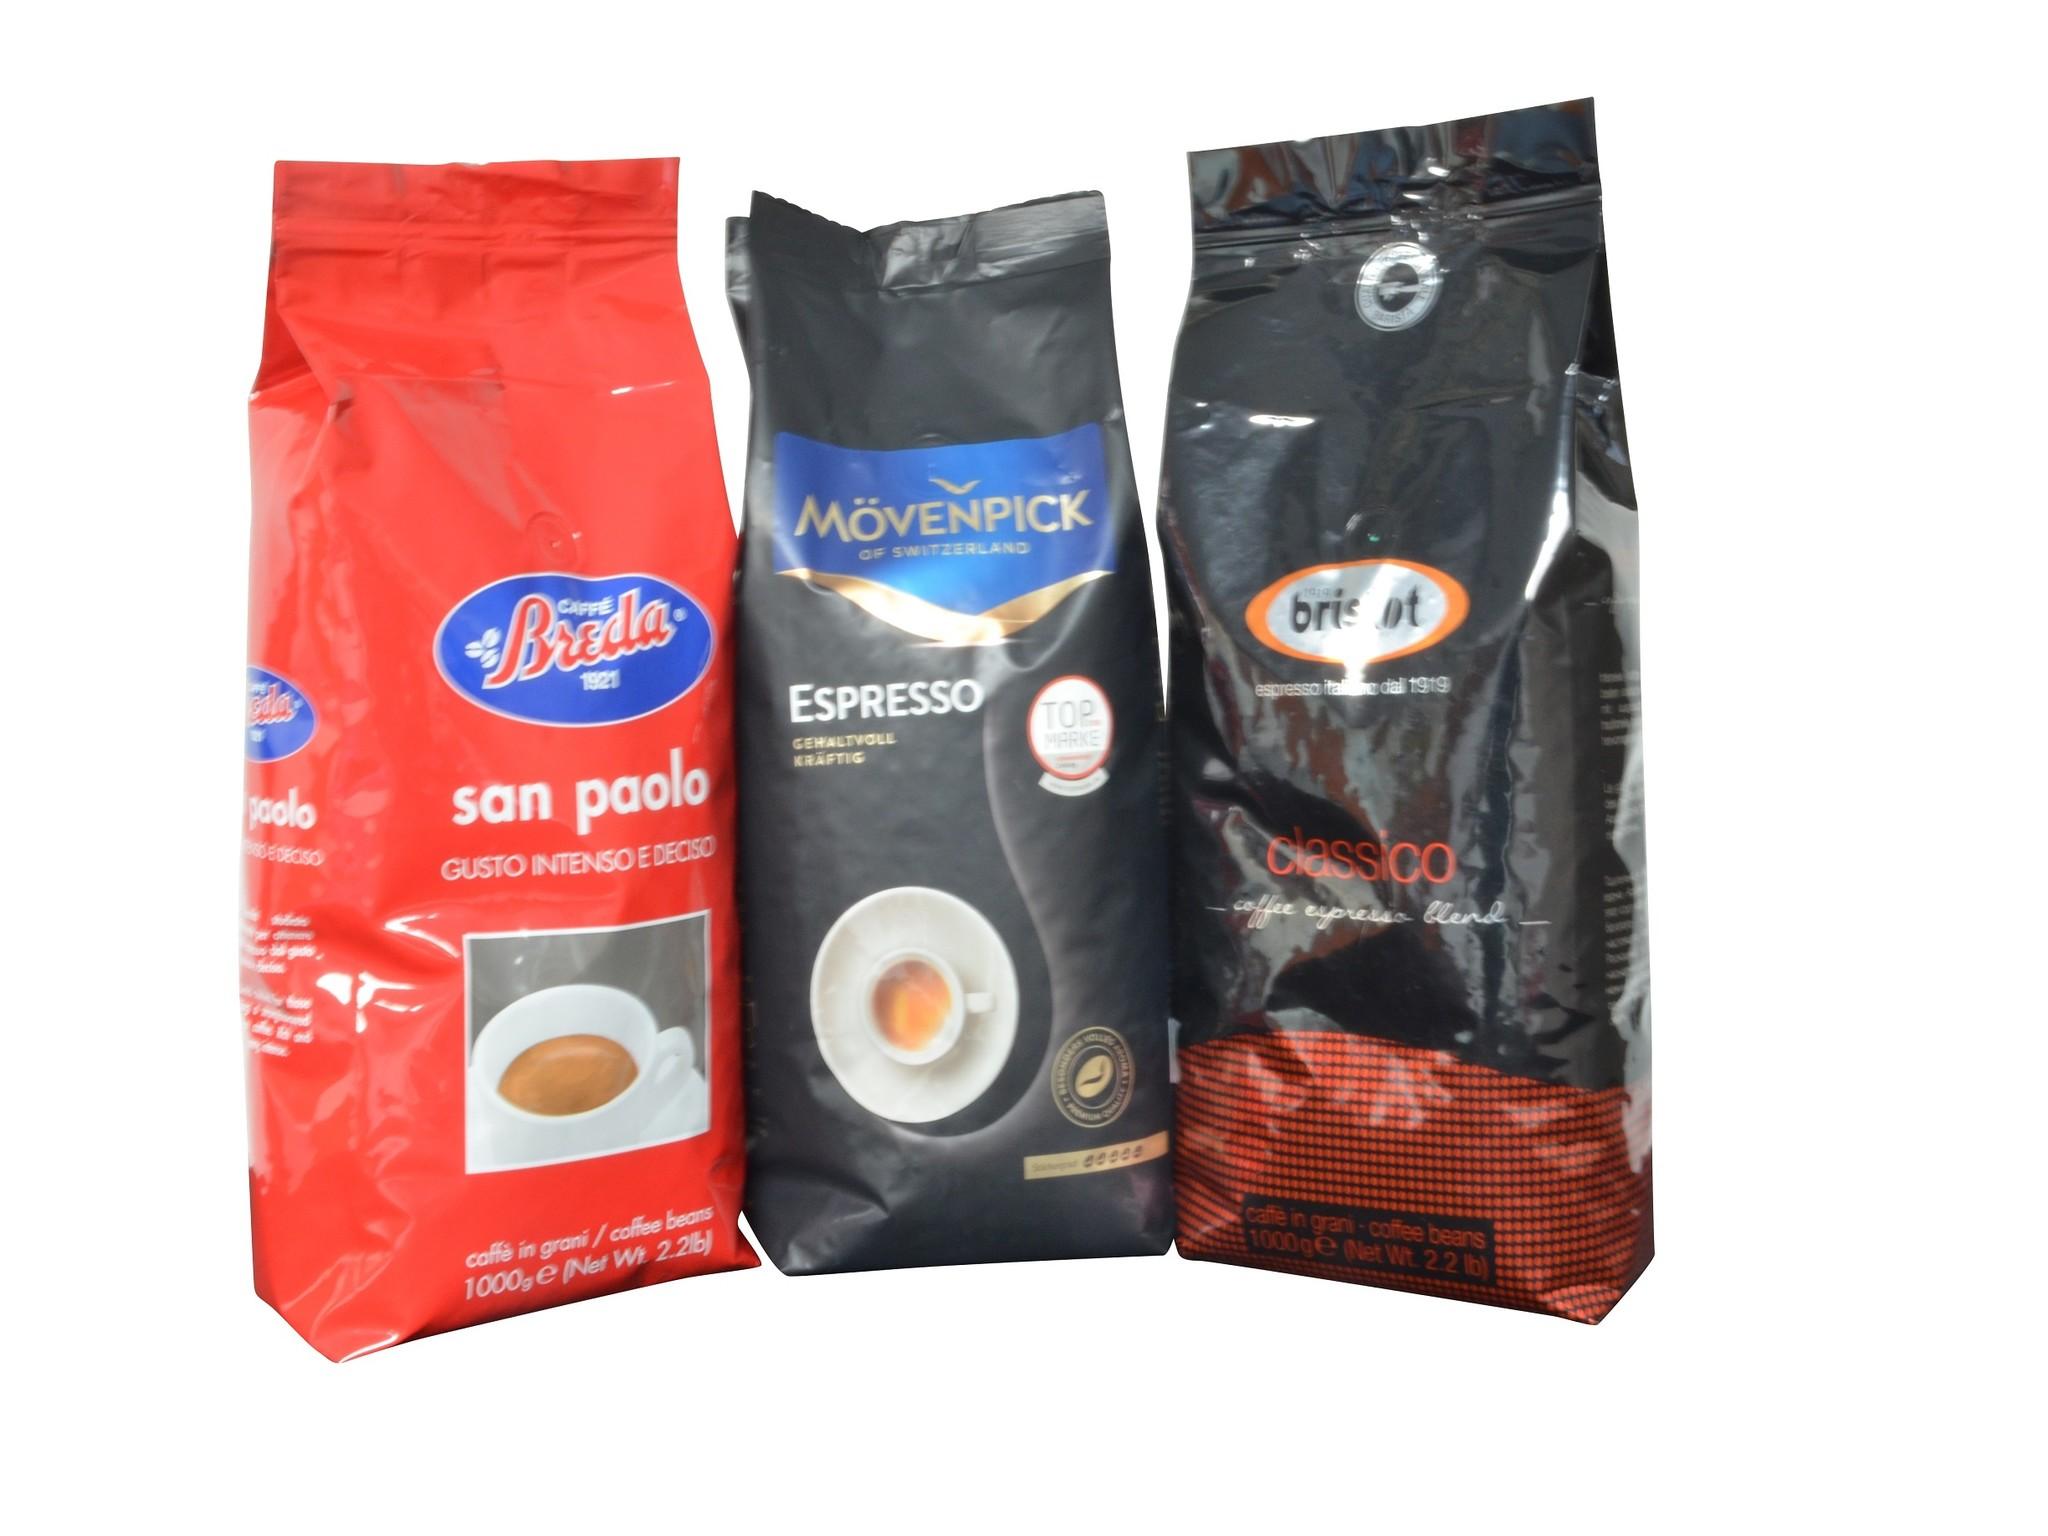 Proefpakket Extra Sterk 3 x 1 kilo